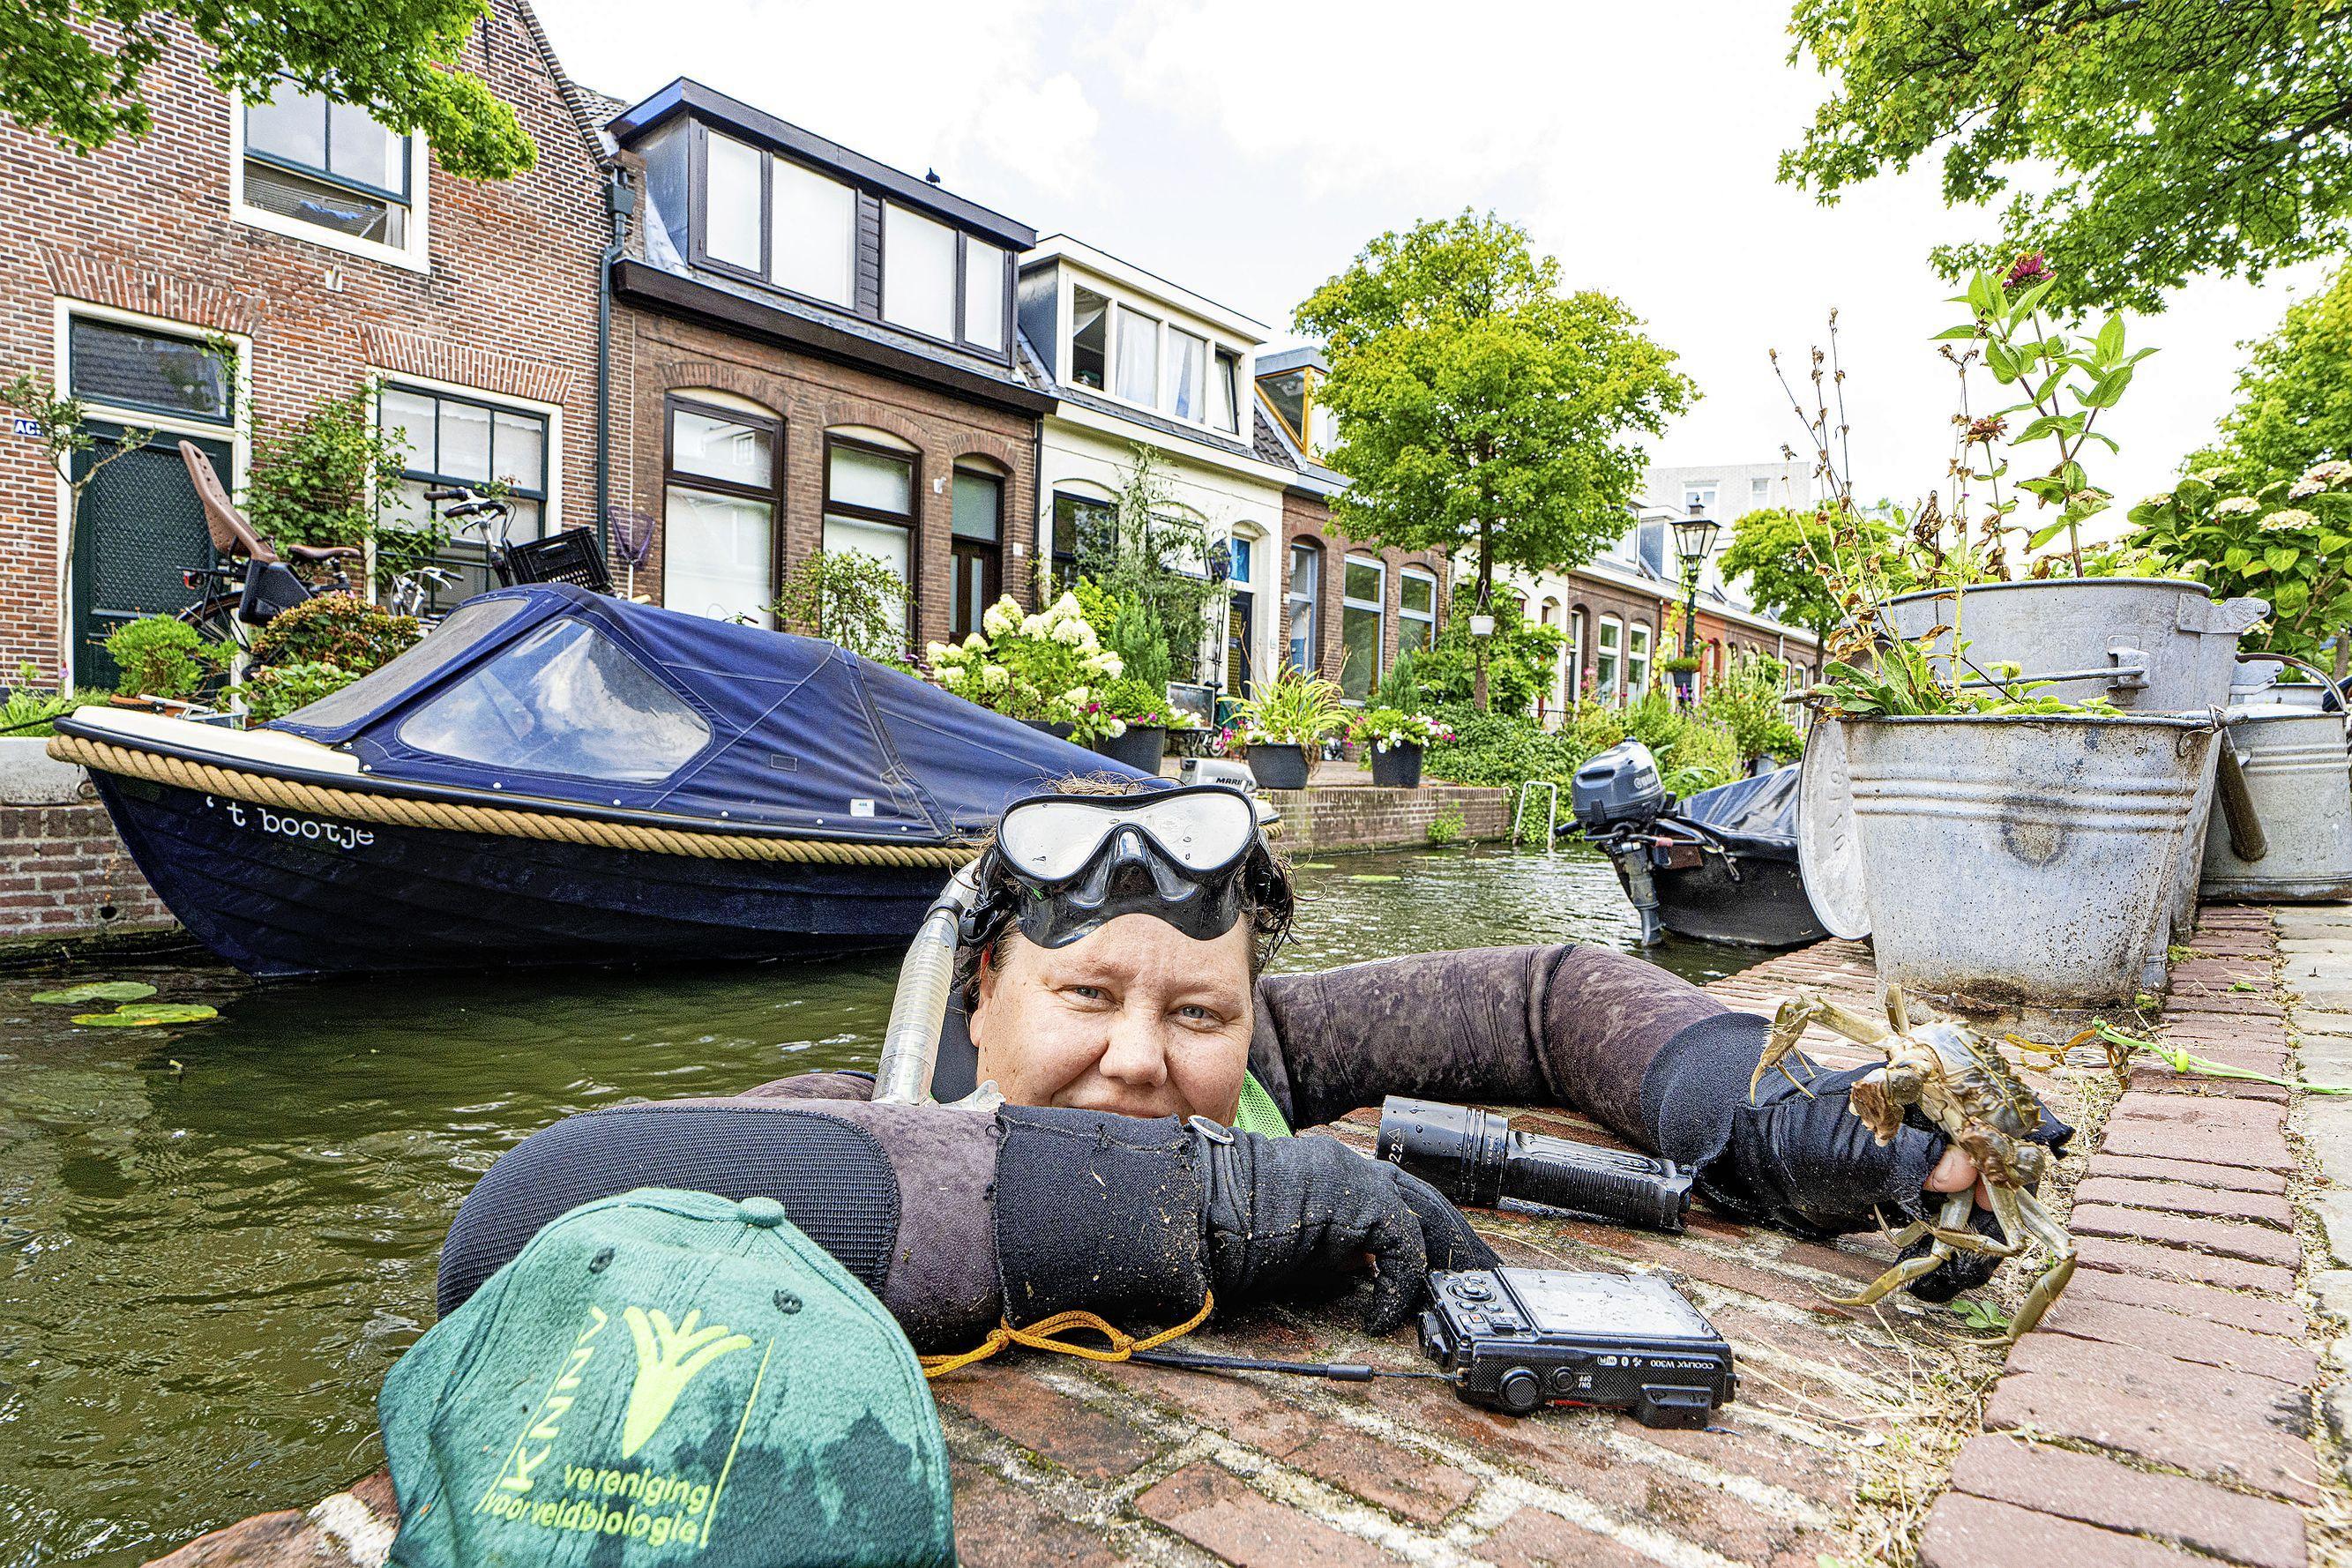 Stadssnorkelaar Aaf Verkade niet blij met magneetvistoerisme: 'Magneetvissen is in Leiden verboden, het verstoort de natuur'